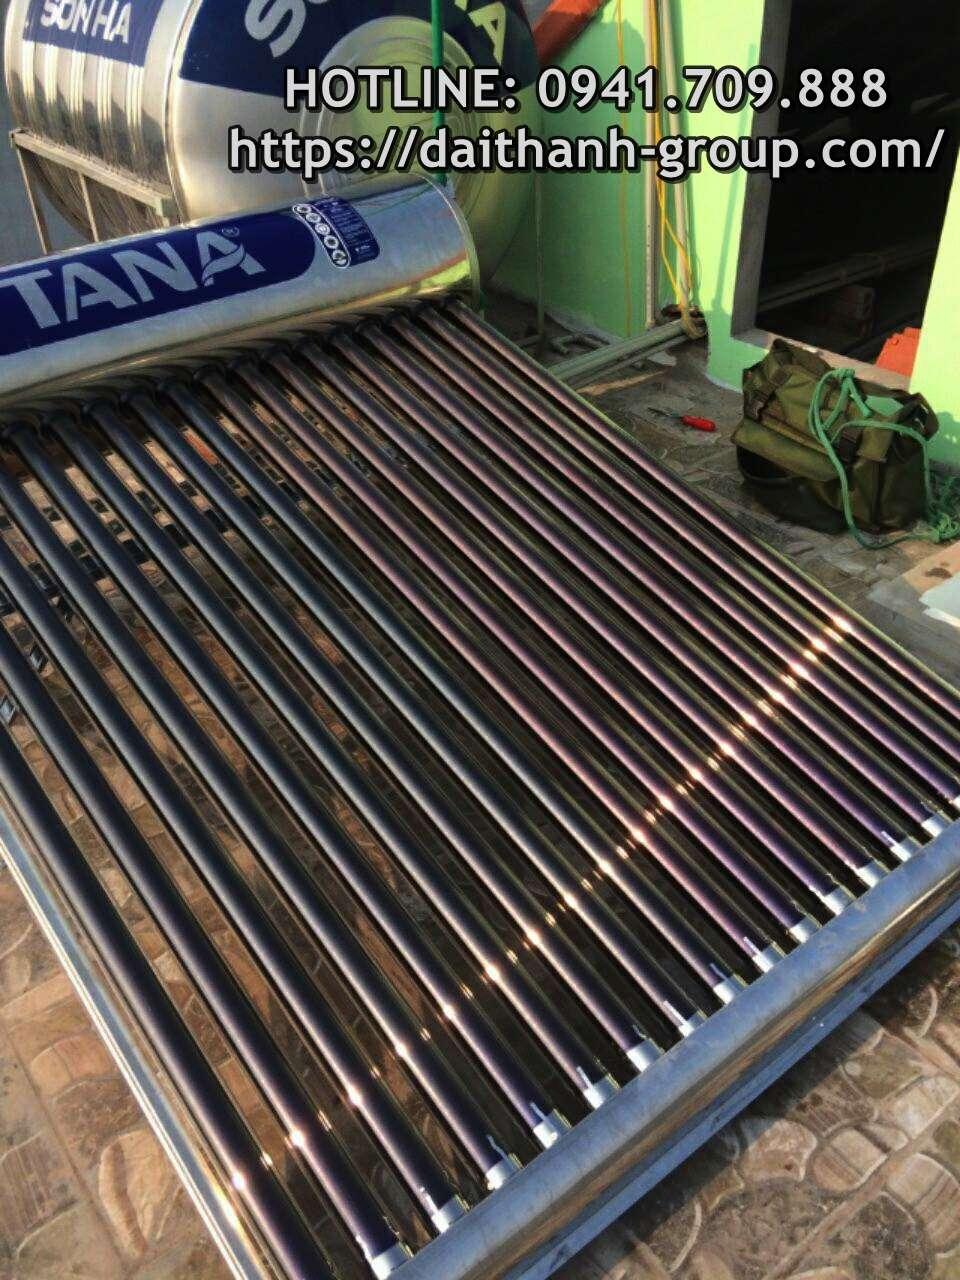 Đơn vị cung cấp máy nước nóng năng lượng mặt trời Tân Á tại Hà Nội